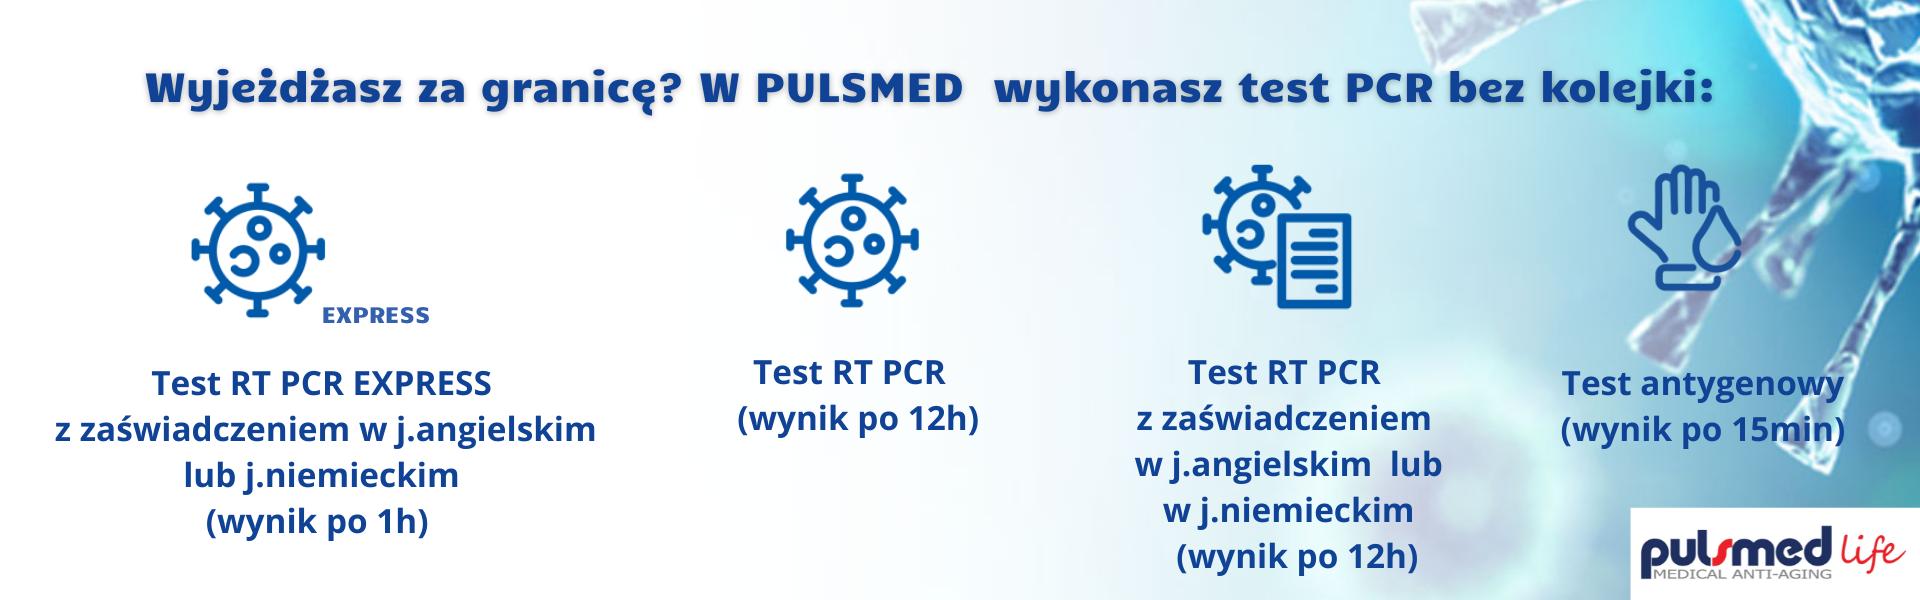 PCR Sars-Cov-2